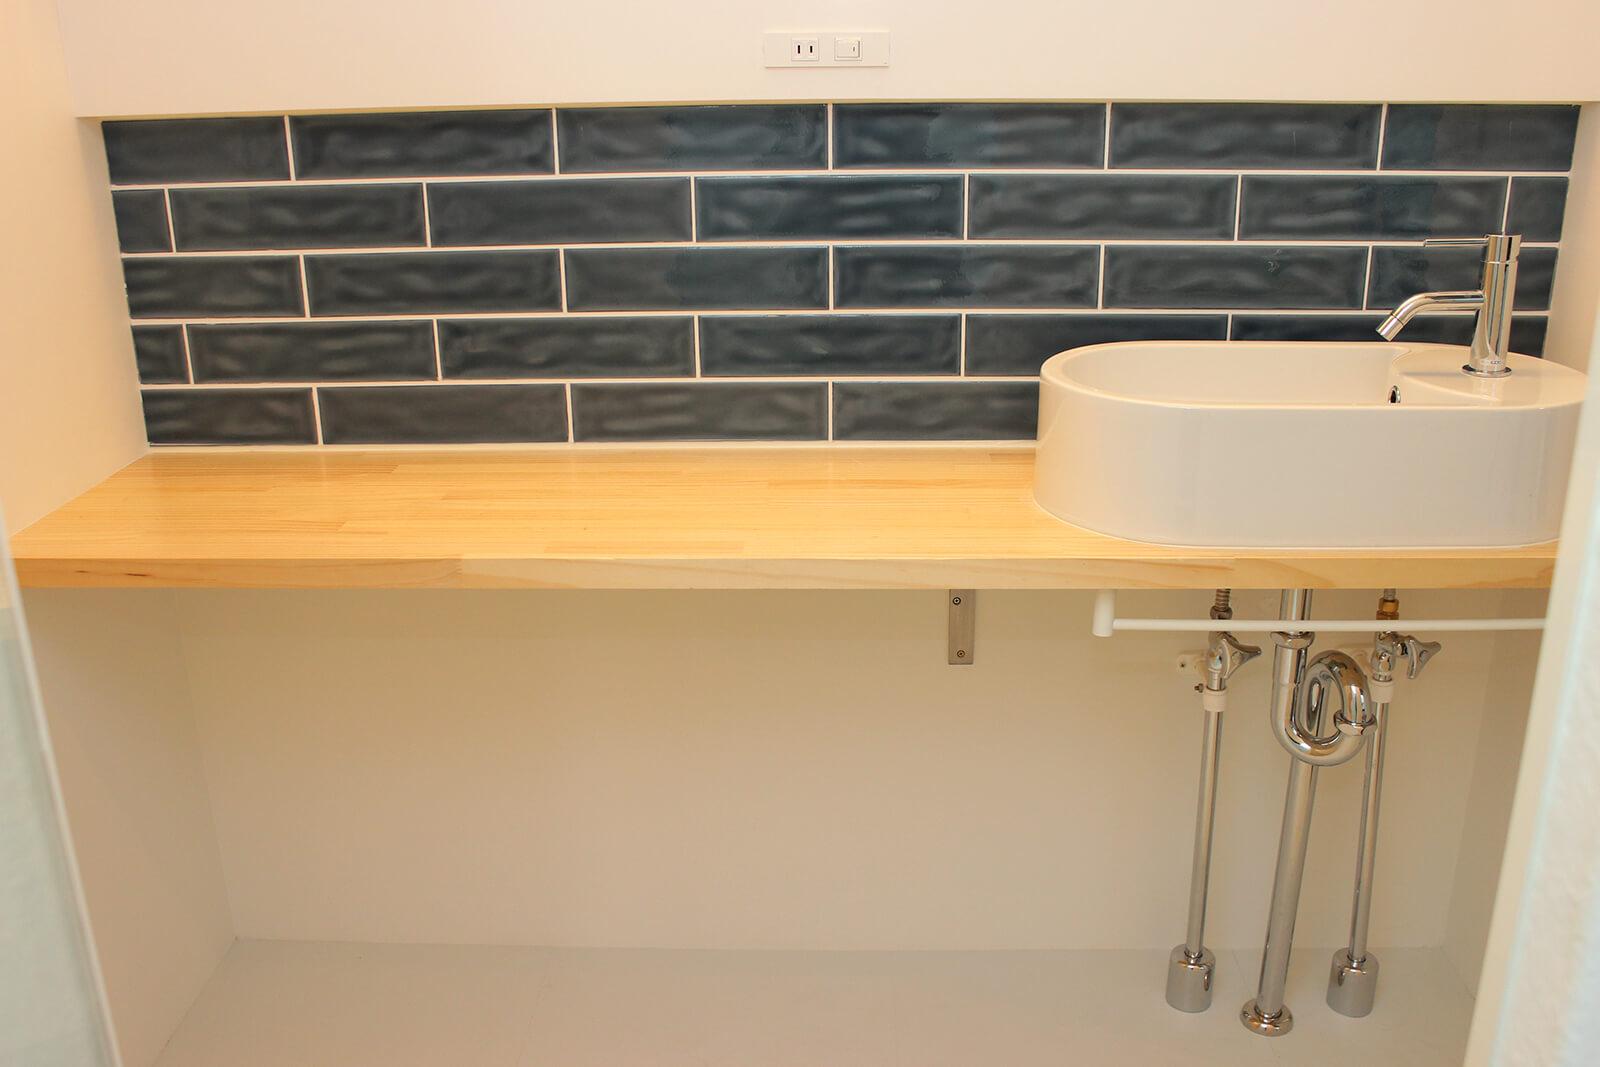 2号室の洗面スペースです。猫さんトイレも下に置けますね。洗面所のドアには猫さん用出入り口があります。